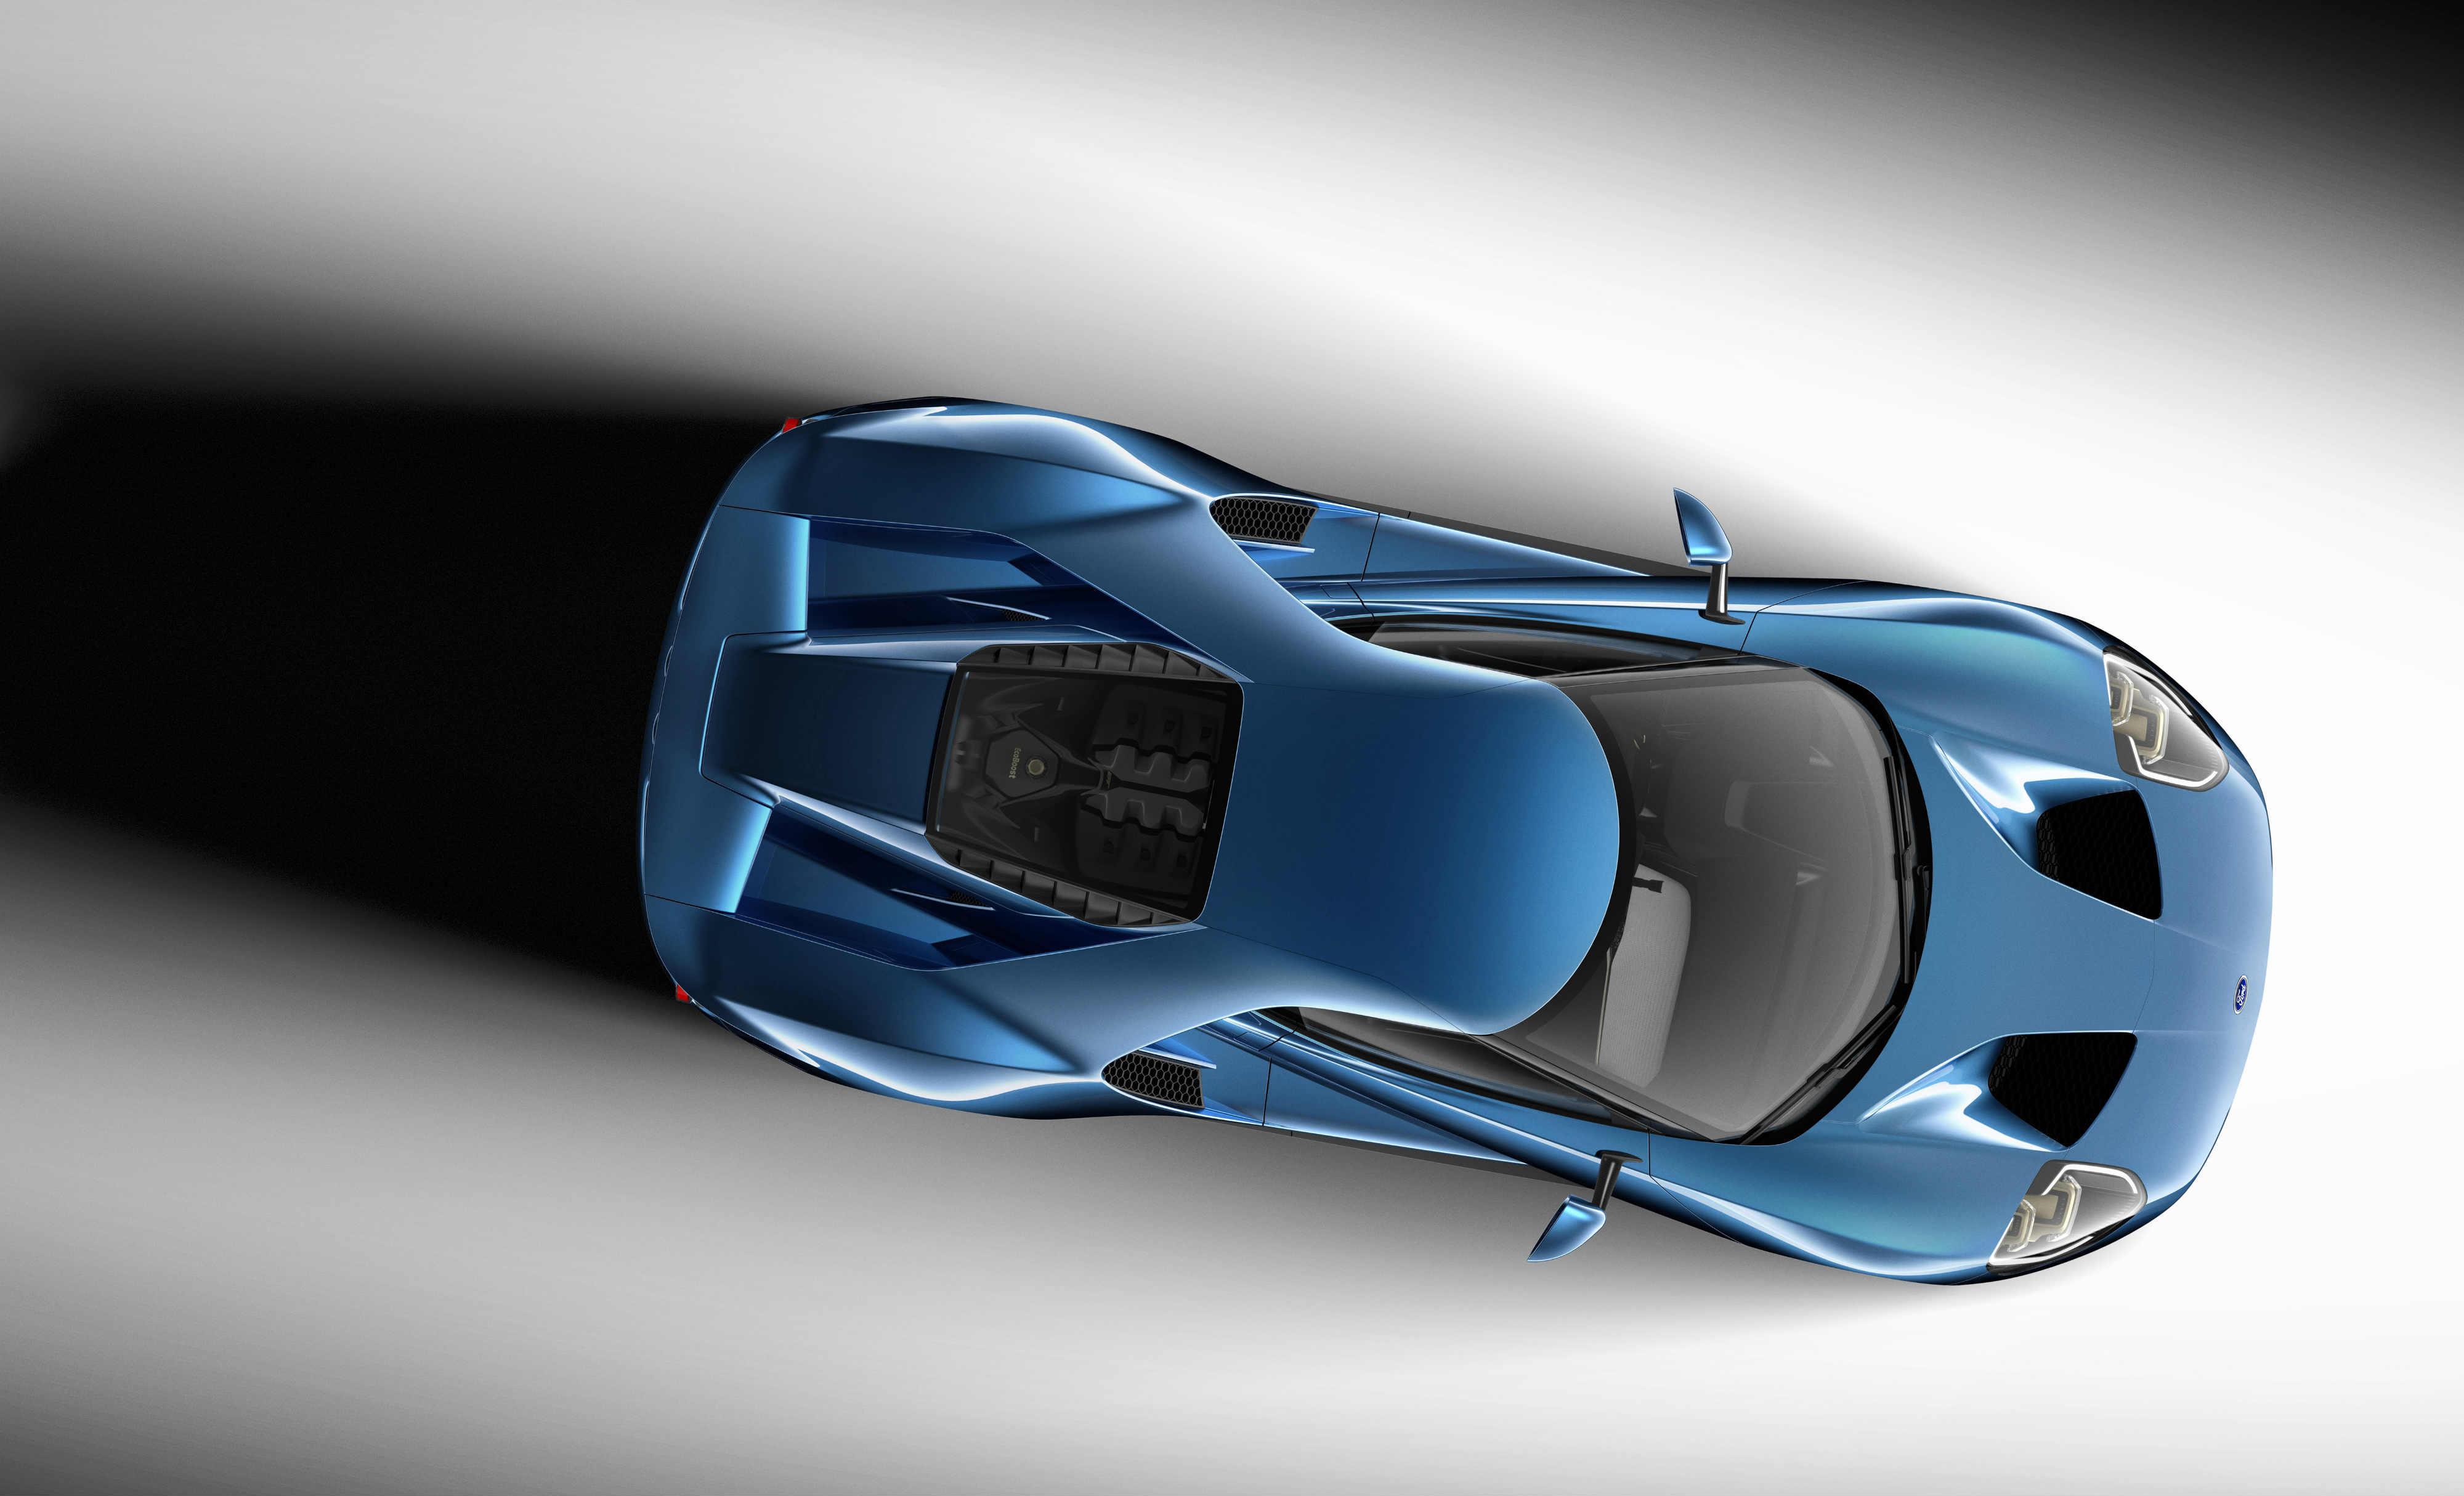 Forza Motorsport 6 Computer Wallpapers Desktop Backgrounds 4000x2429